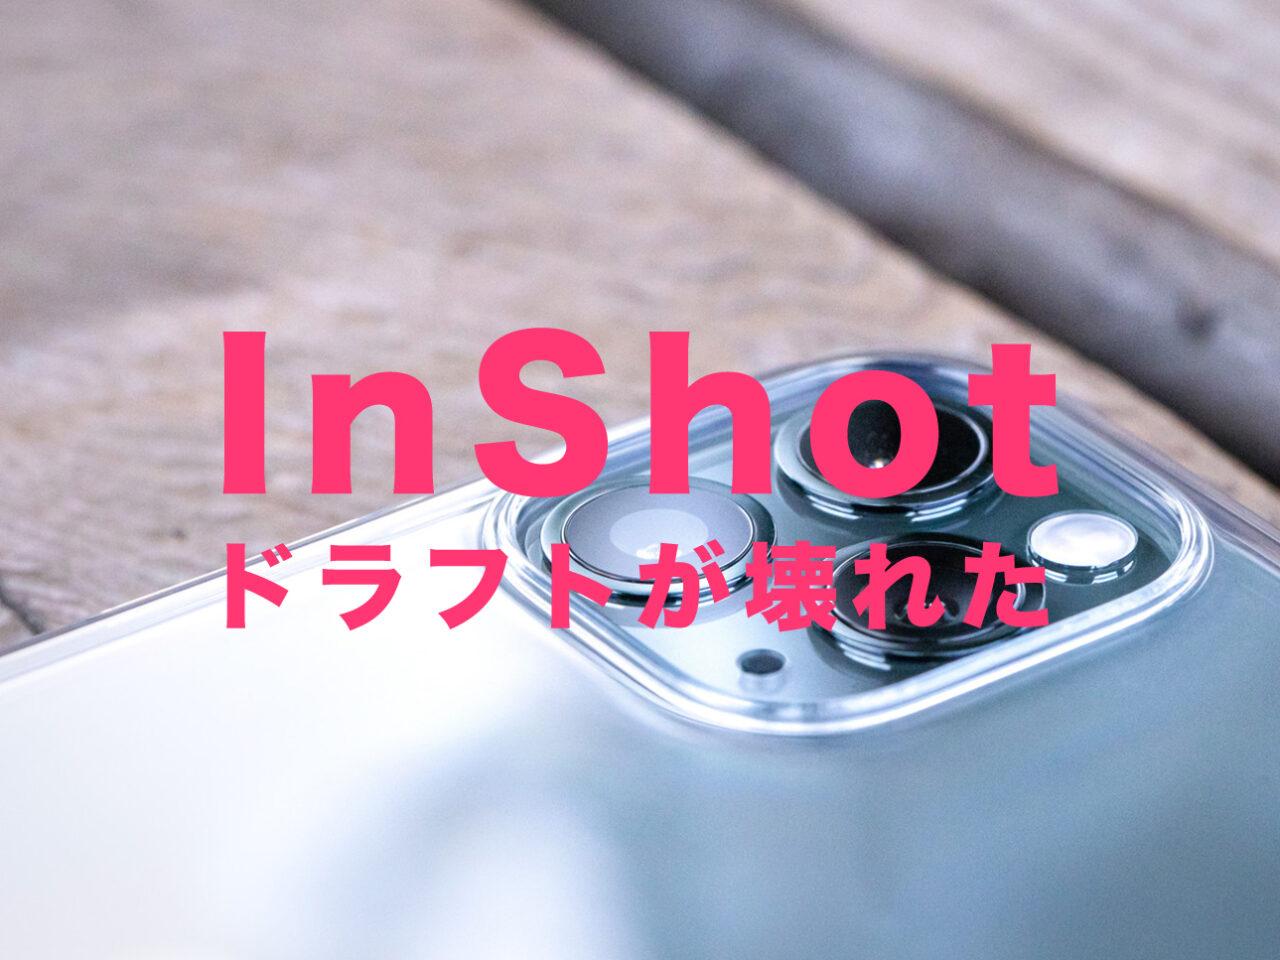 InShot(インショット)でドラフトが壊れた&開けない&ロードエラーになる原因は?のサムネイル画像